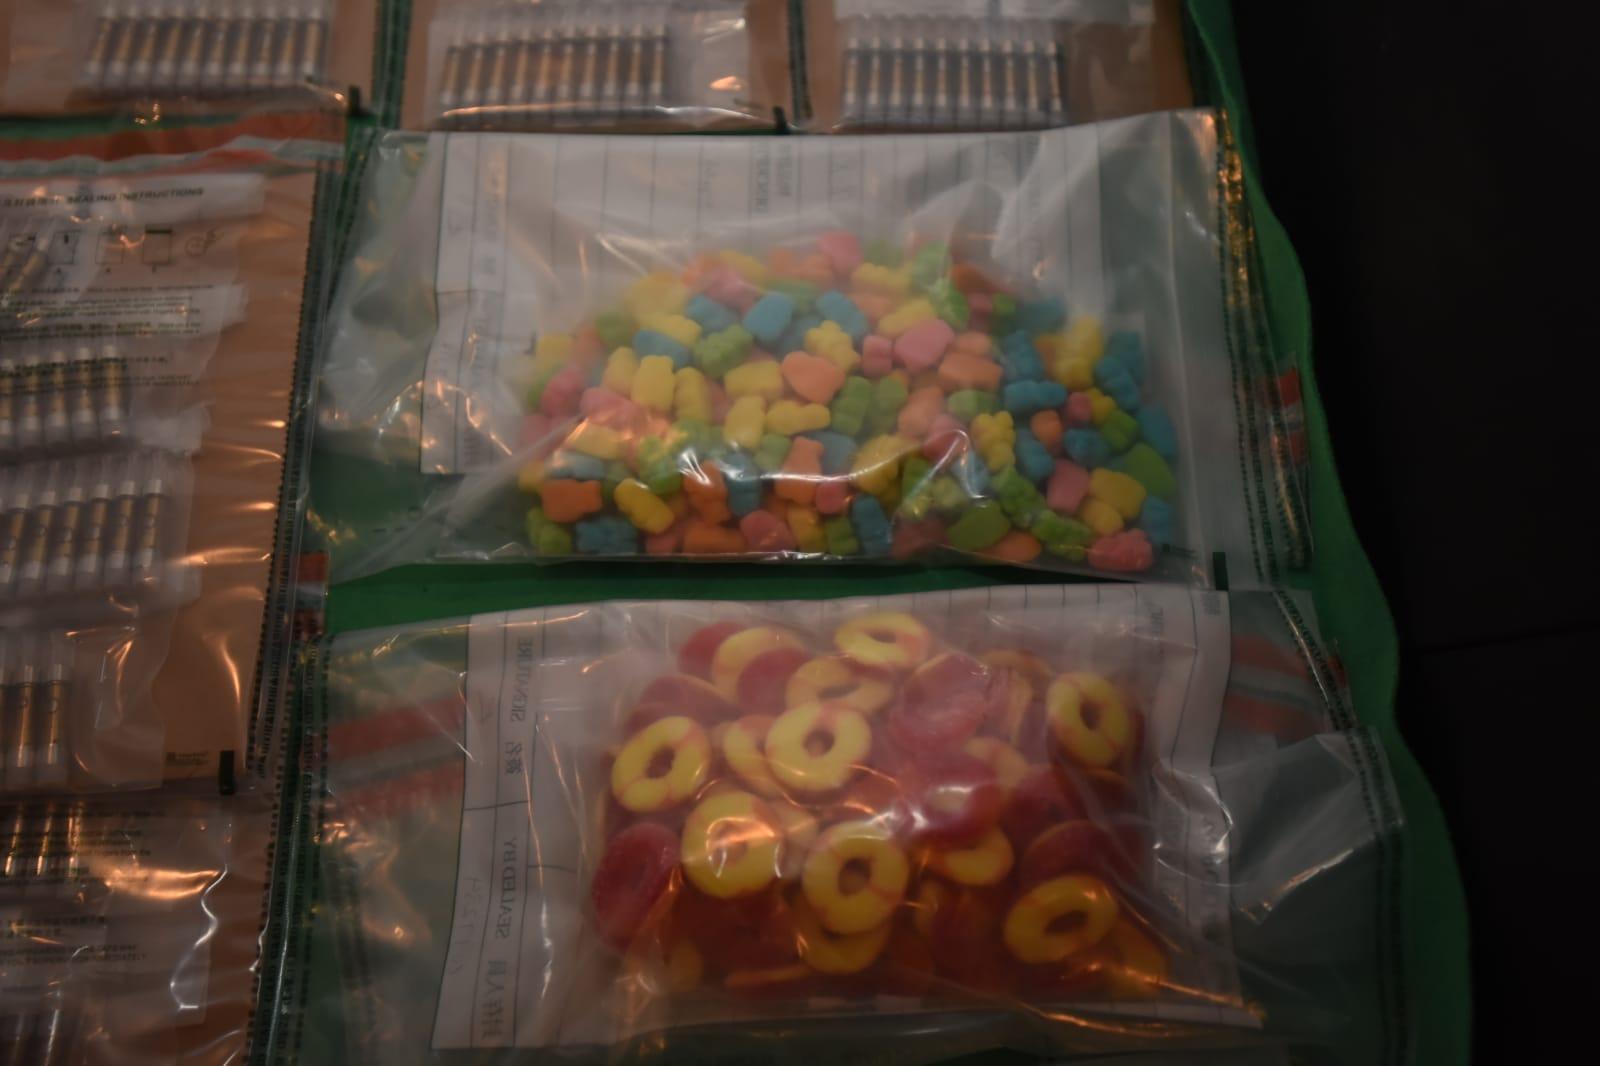 海關檢220萬含大麻糖果及溶液 2男被捕